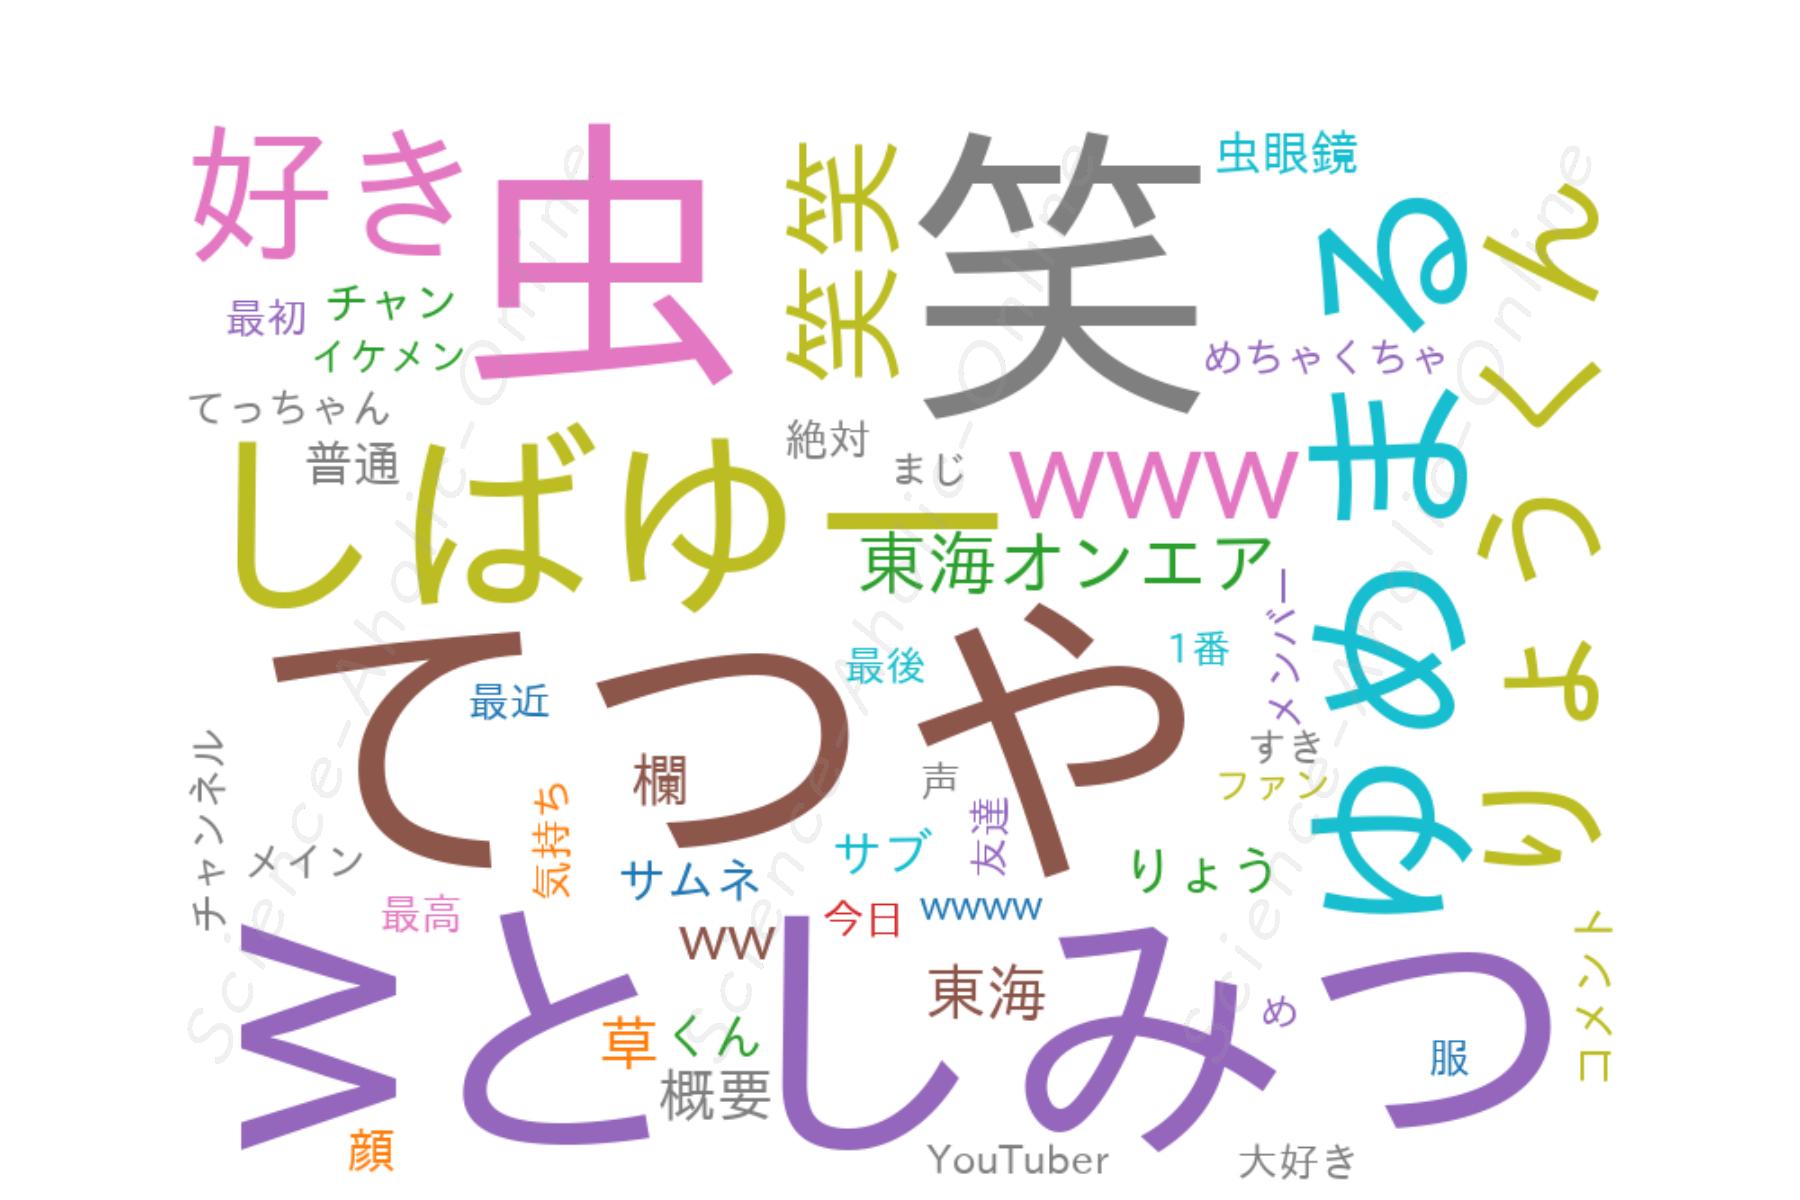 wordcloud_東海オンエアの控え室